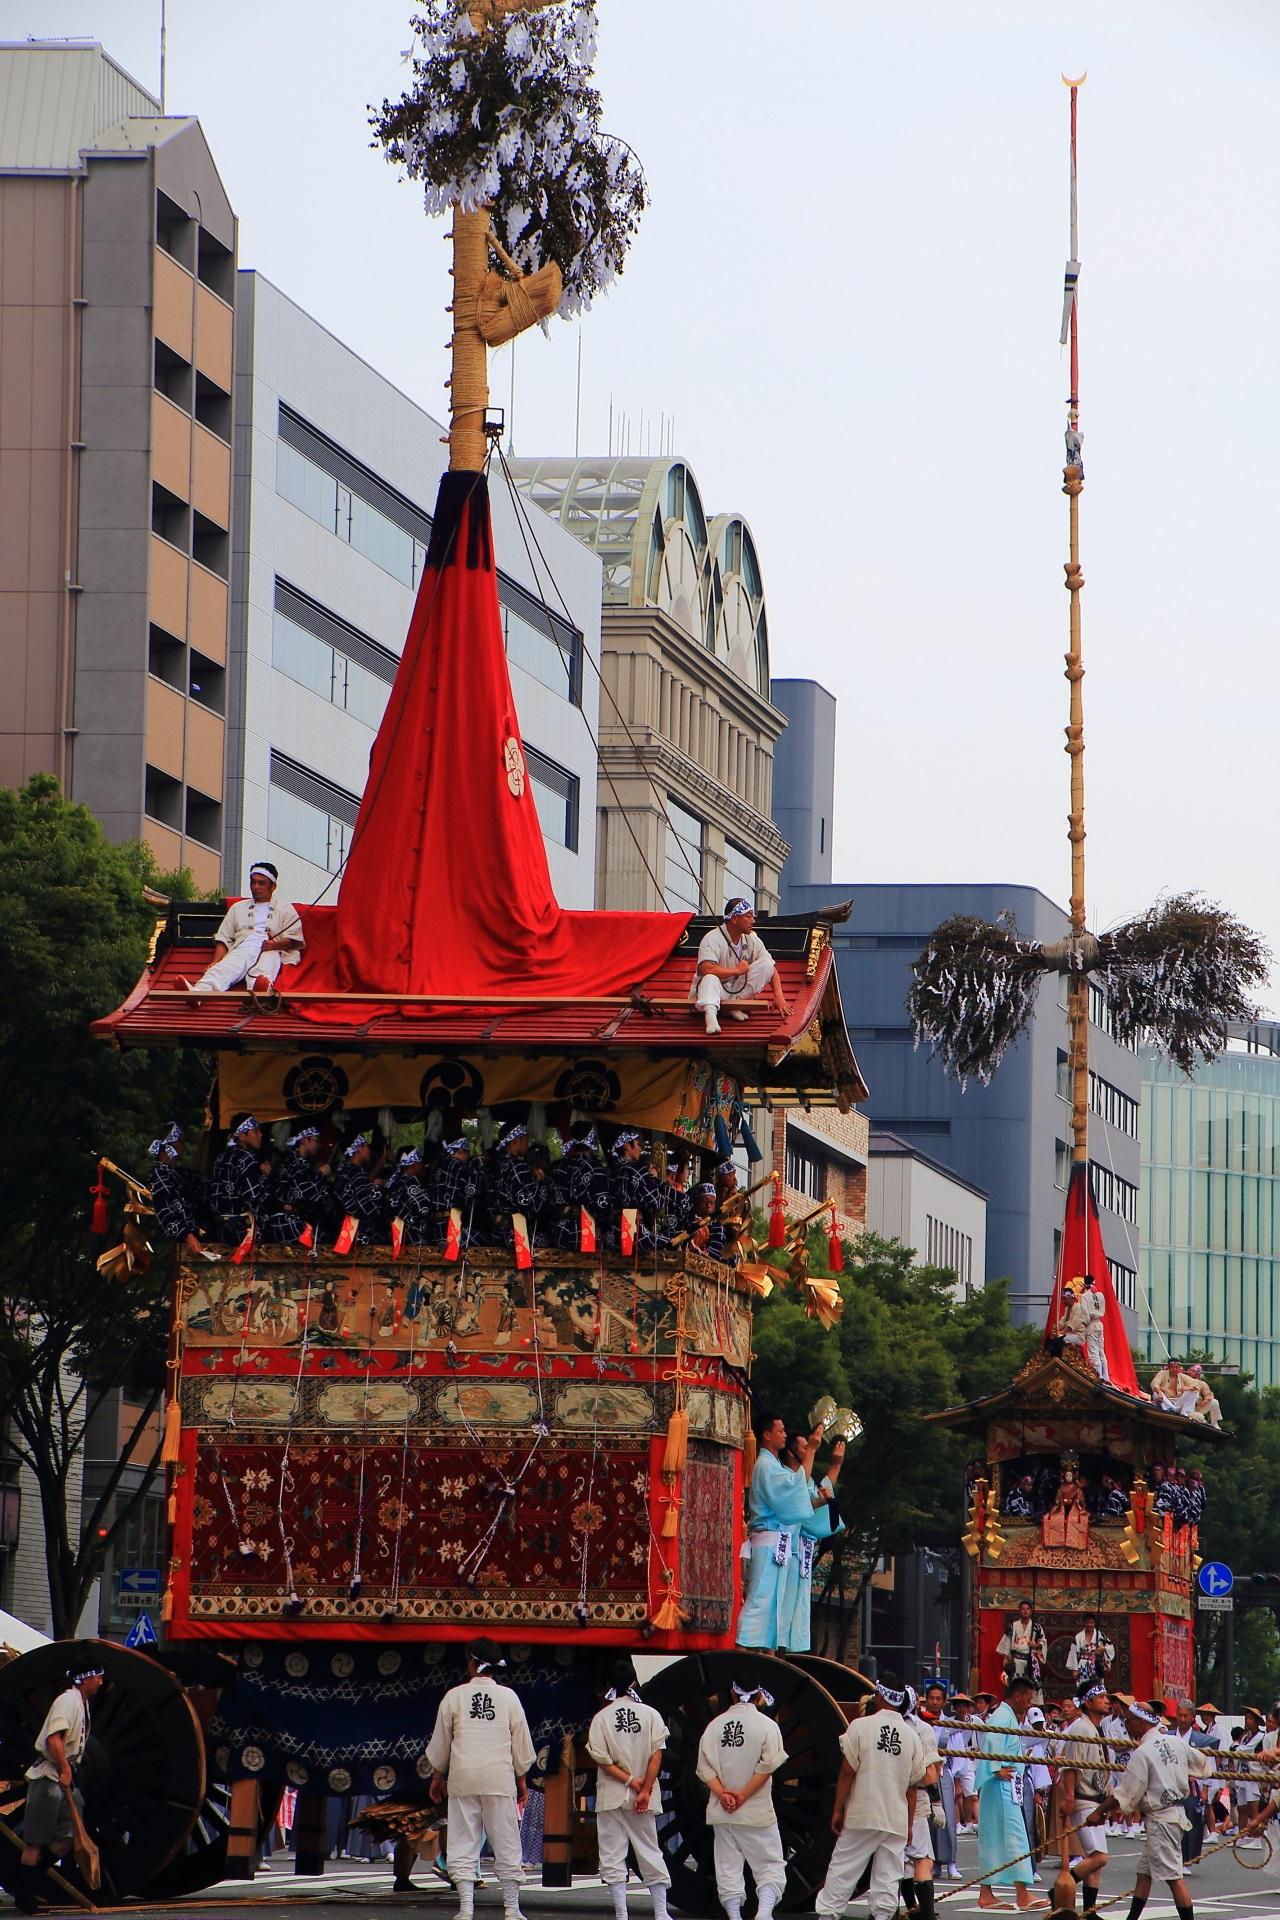 ビルの高さ位ある巨大な鶏鉾と月鉾の日常と非日常の融合した景色